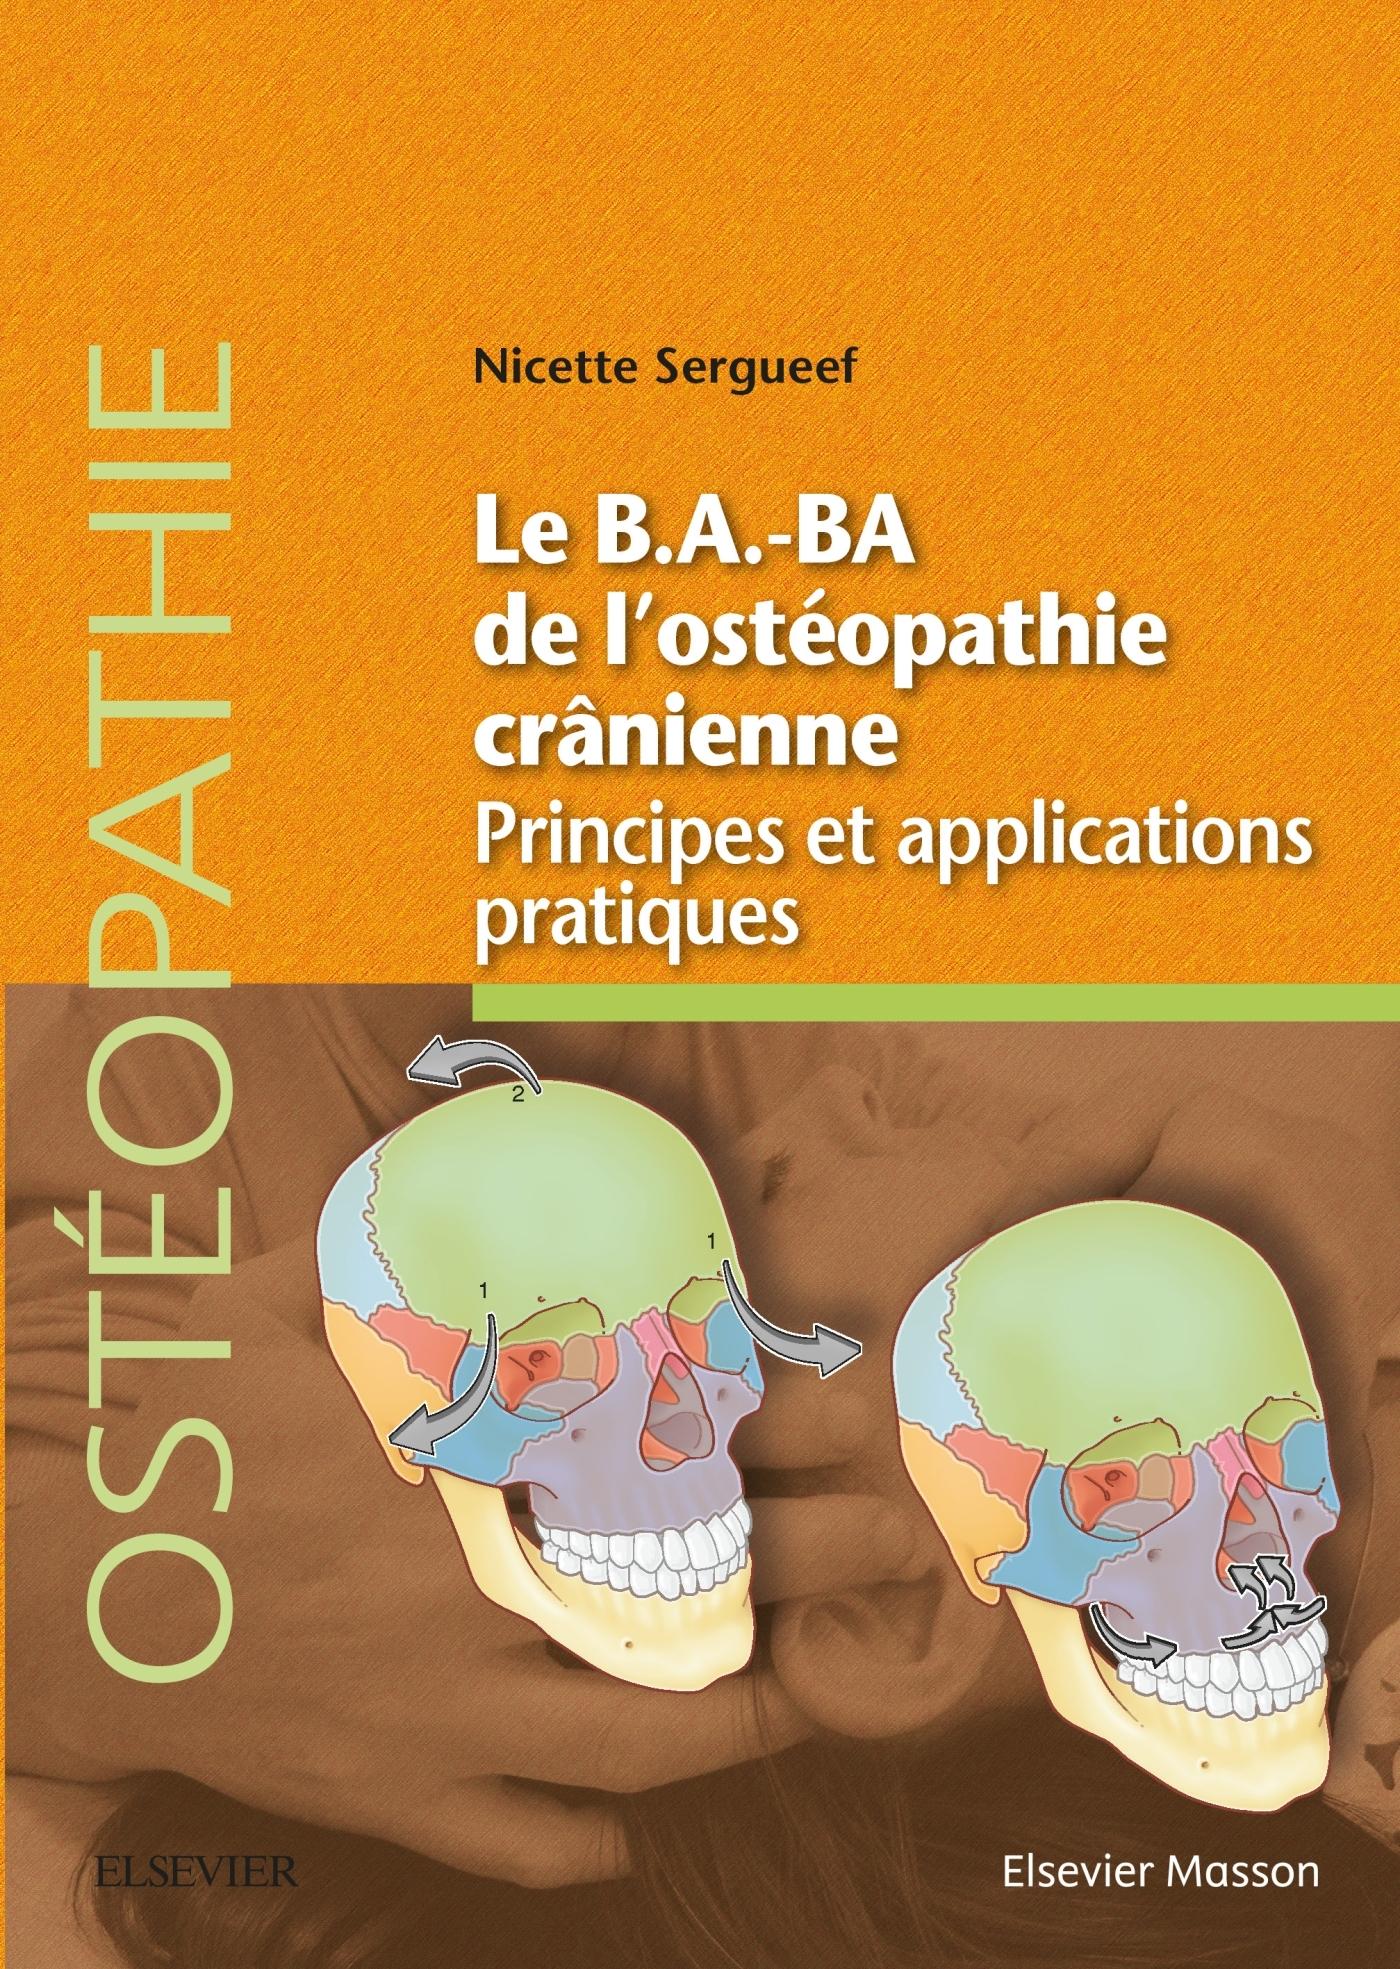 LE B.A.-BA DE L'OSTEOPATHIE CRANIENNE